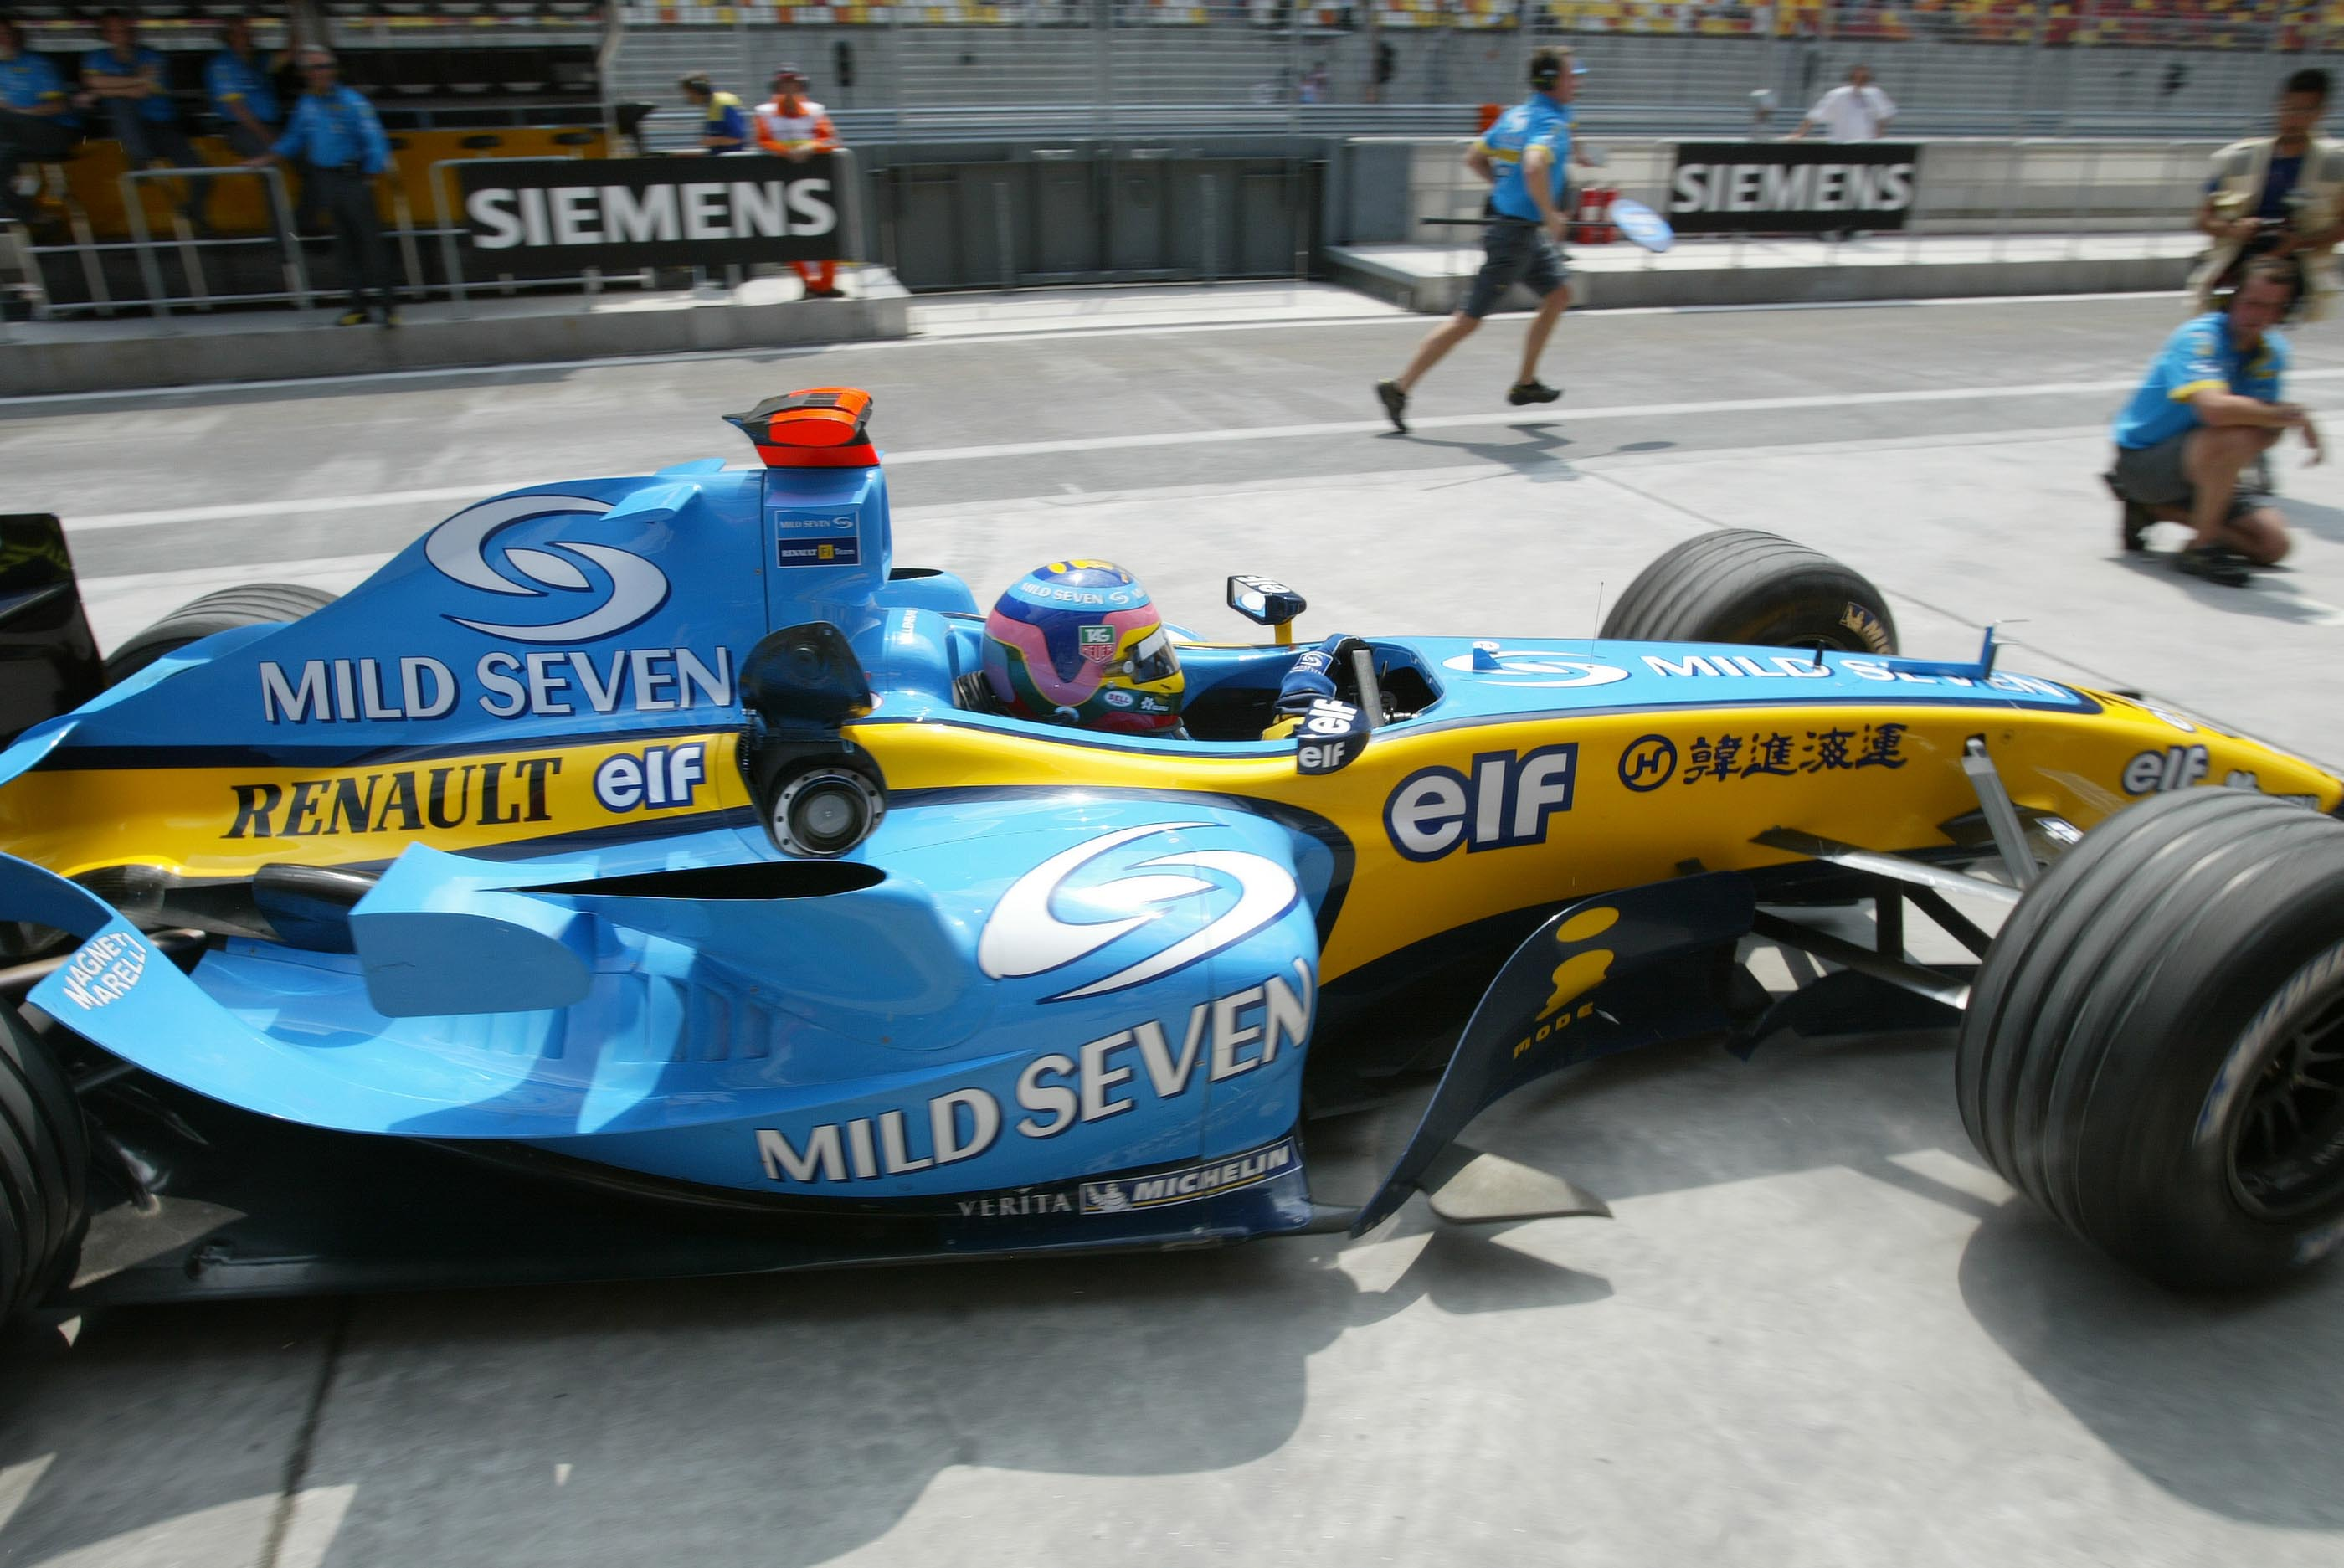 Jacques Villeneuve Renault 2004